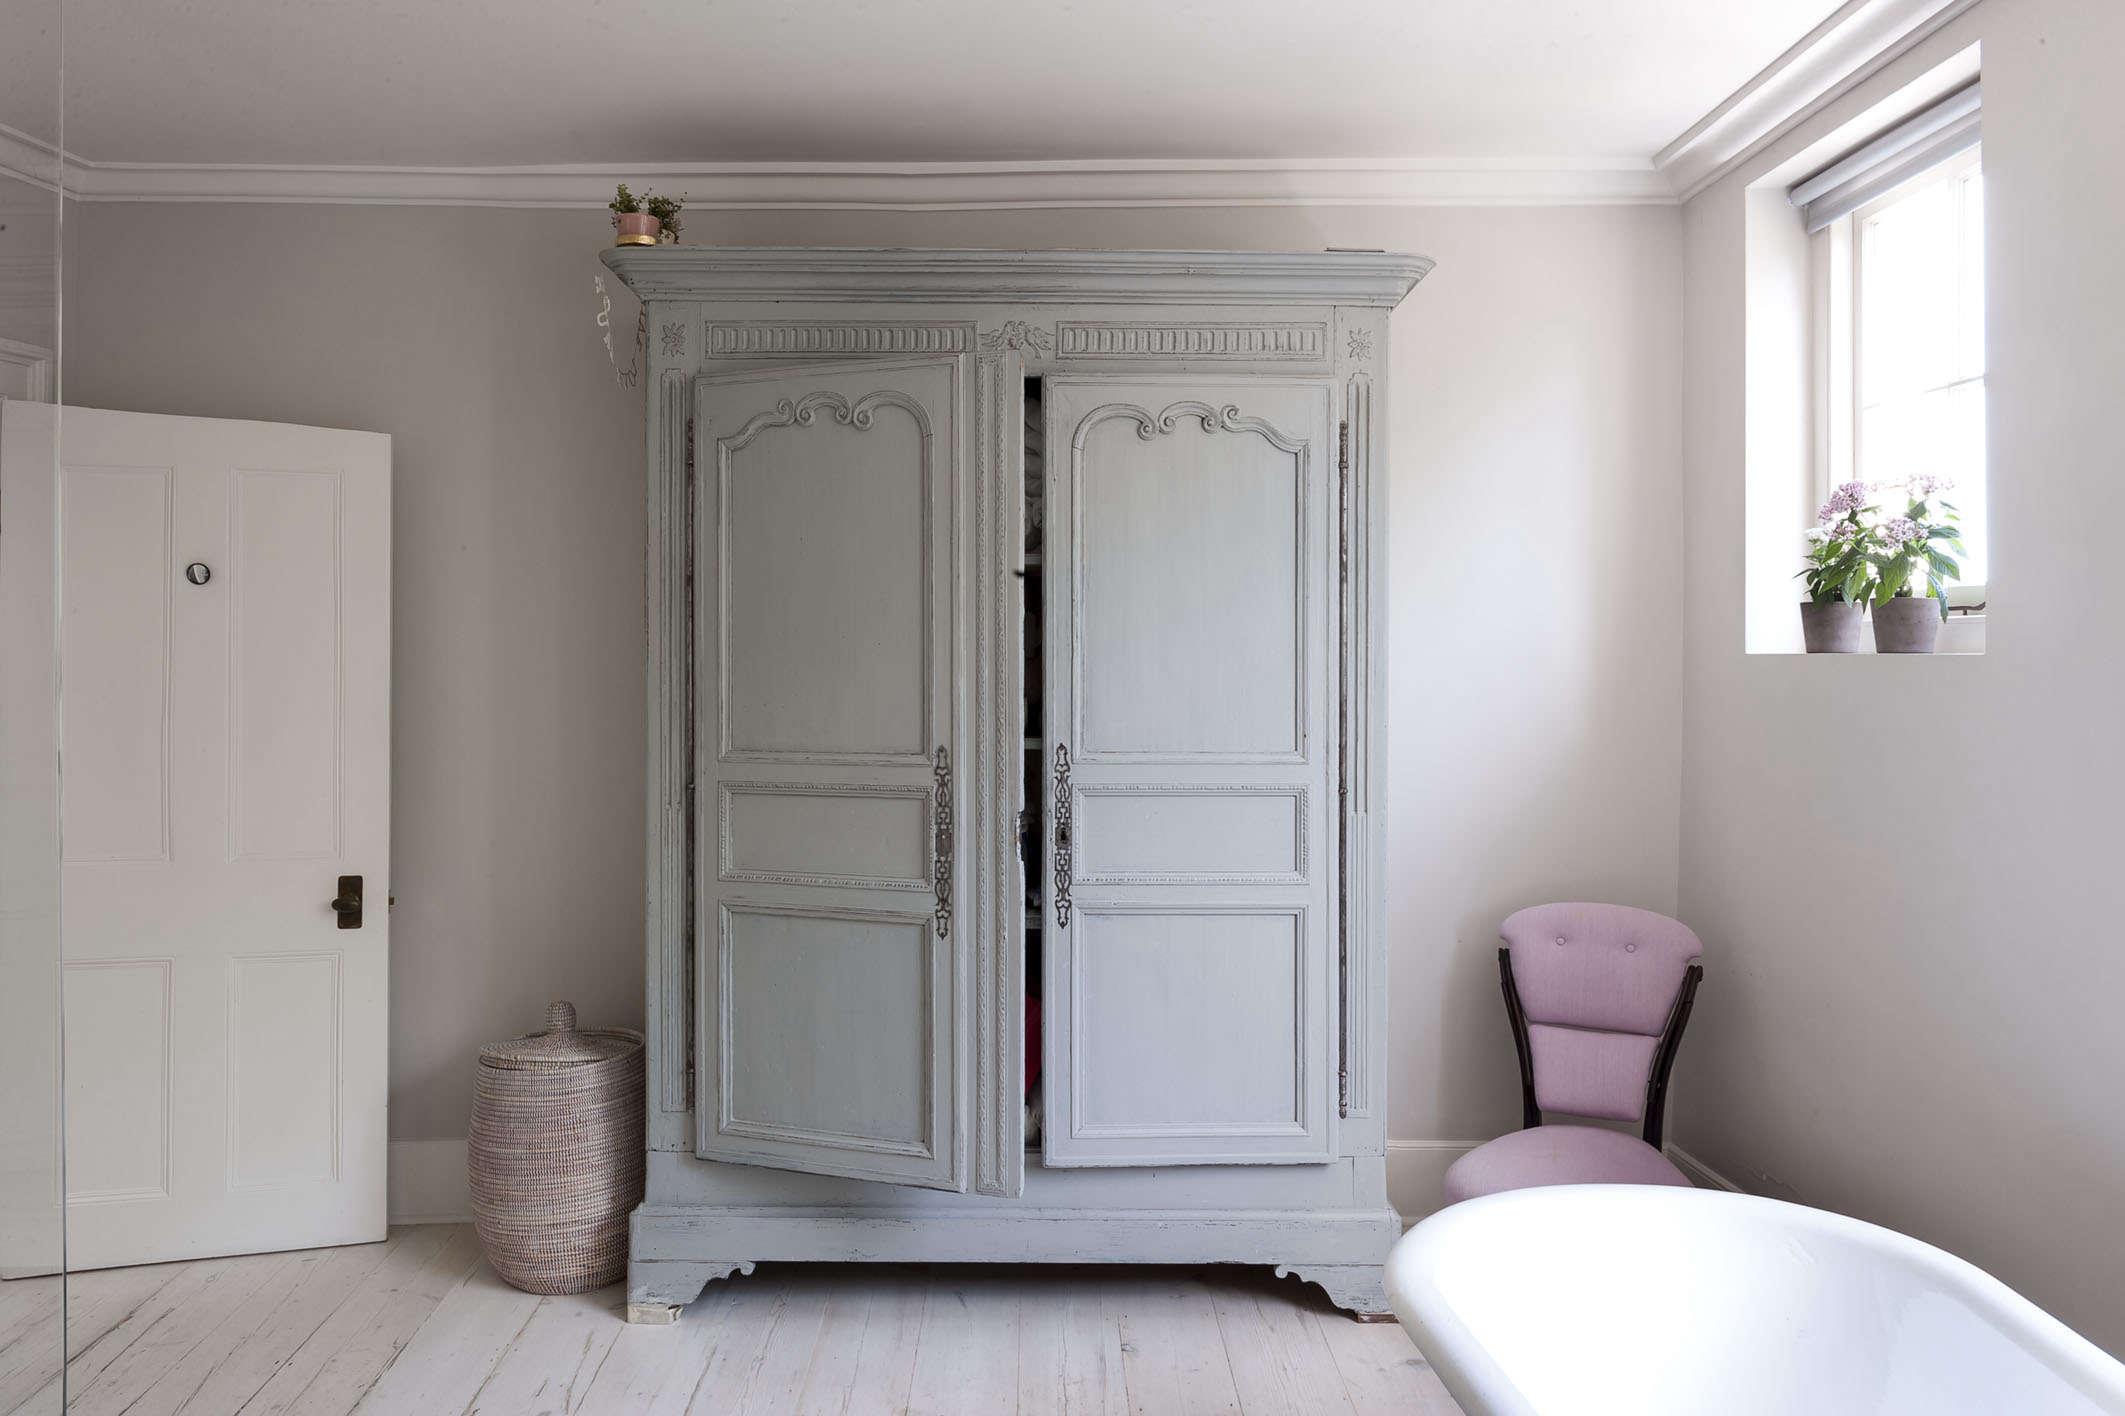 antiqued-blue-armoire-michelle-mckenna-bath-uk-pink-chair